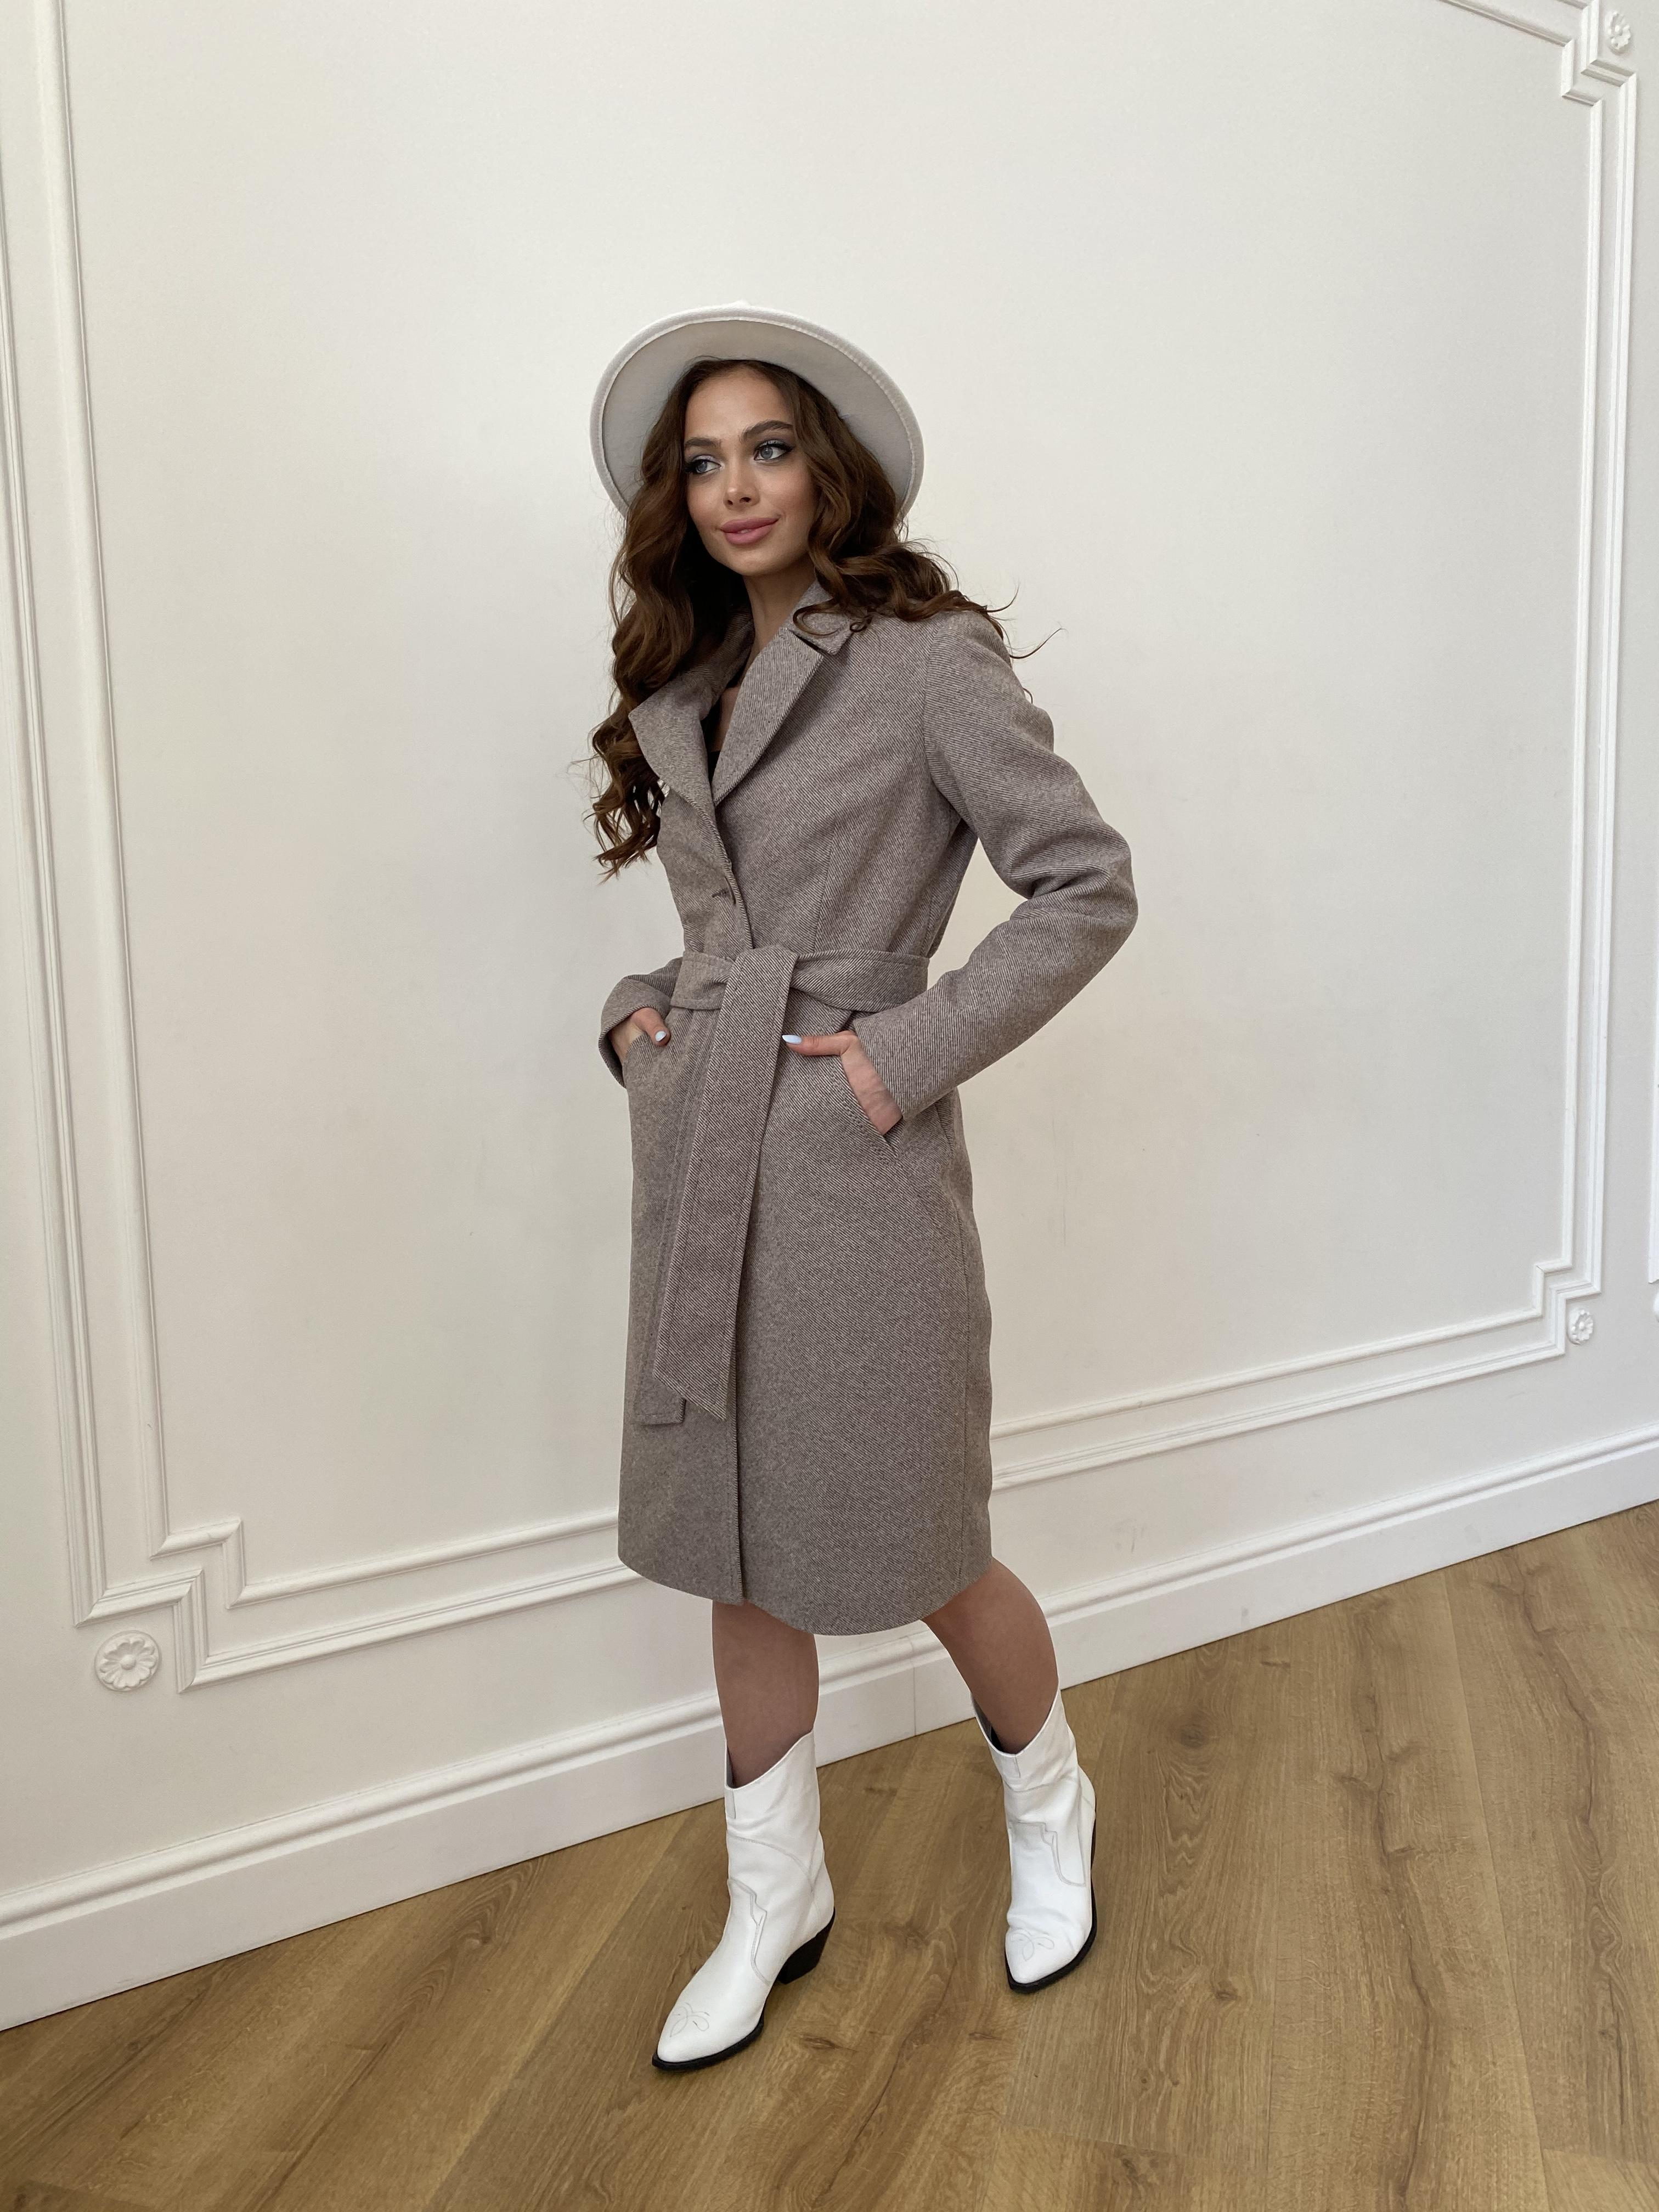 Камила  пальто из кашемира зима 8487 АРТ. 46457 Цвет: Шоколадный меланж 5 - фото 3, интернет магазин tm-modus.ru